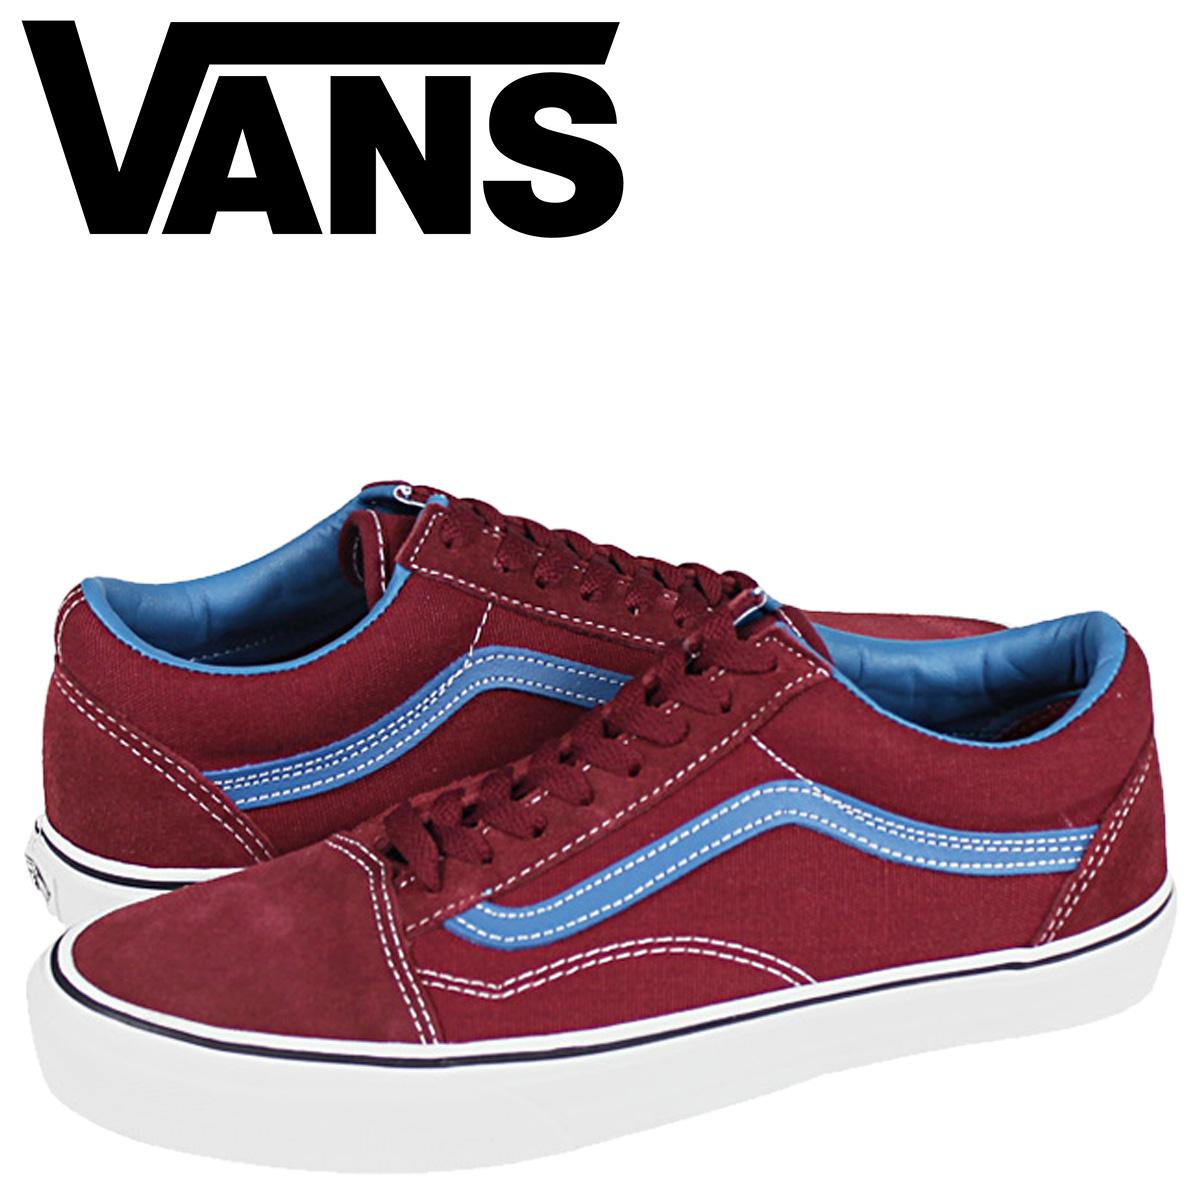 5bf3476de939 Vans VANS OLD SKOOL sneakers oldschool suede   canvas men s VN-0VOKC5P port   regular